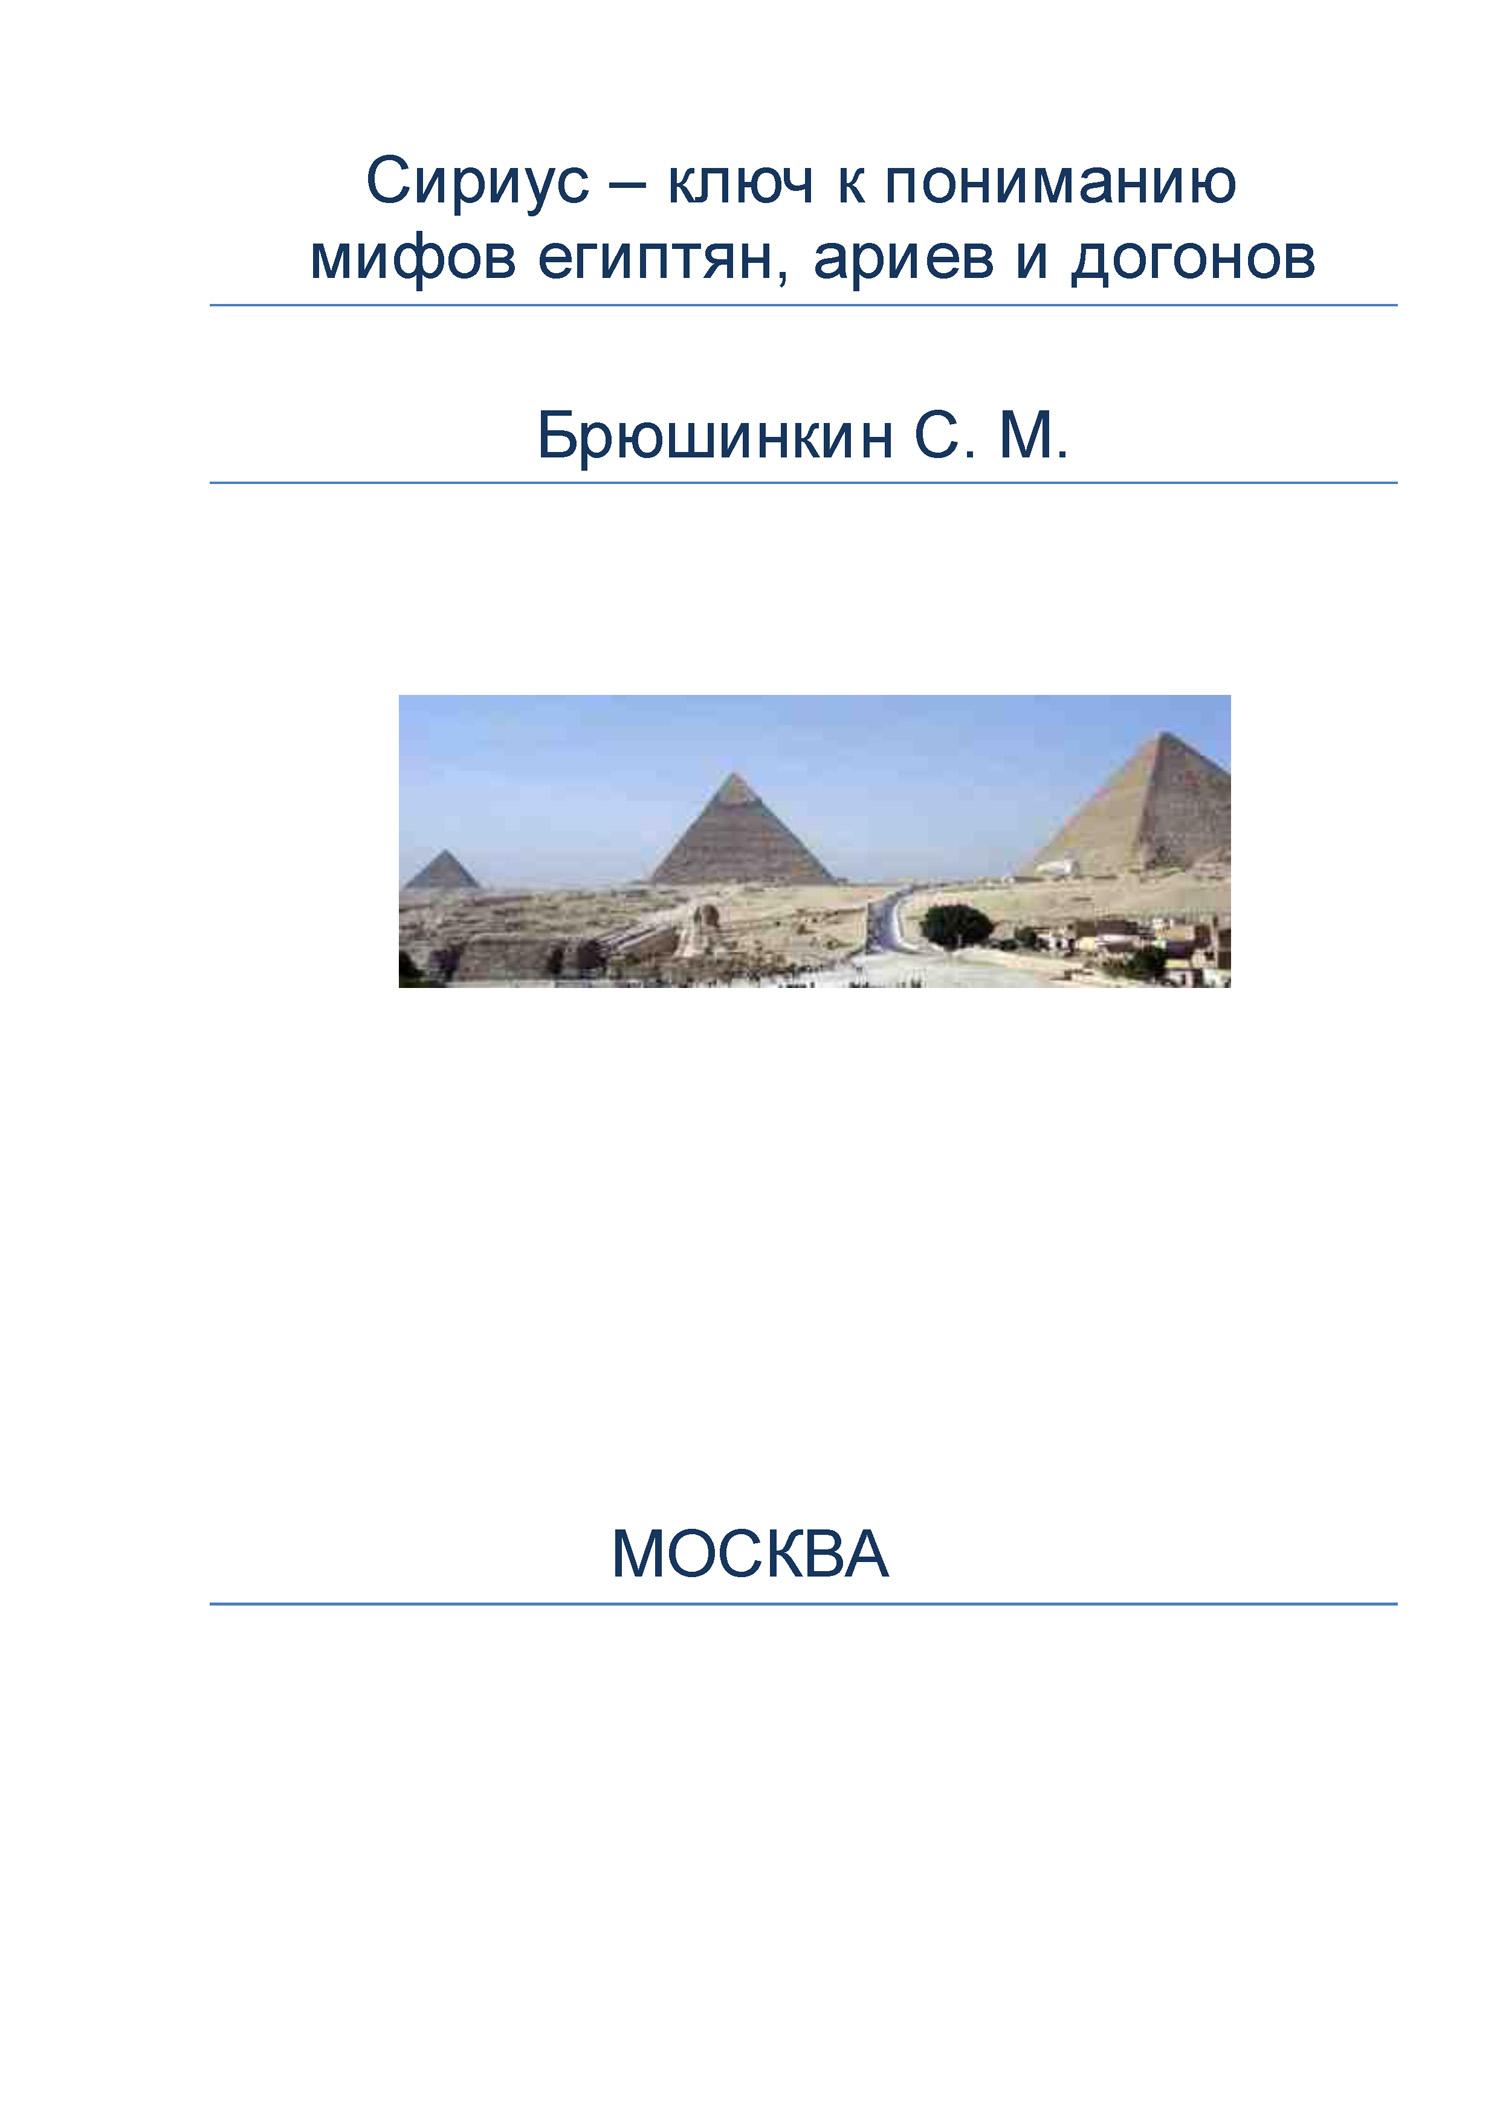 Сергей Брюшинкин «Сириус – ключ к пониманию мифов египтян, ариев и догонов»